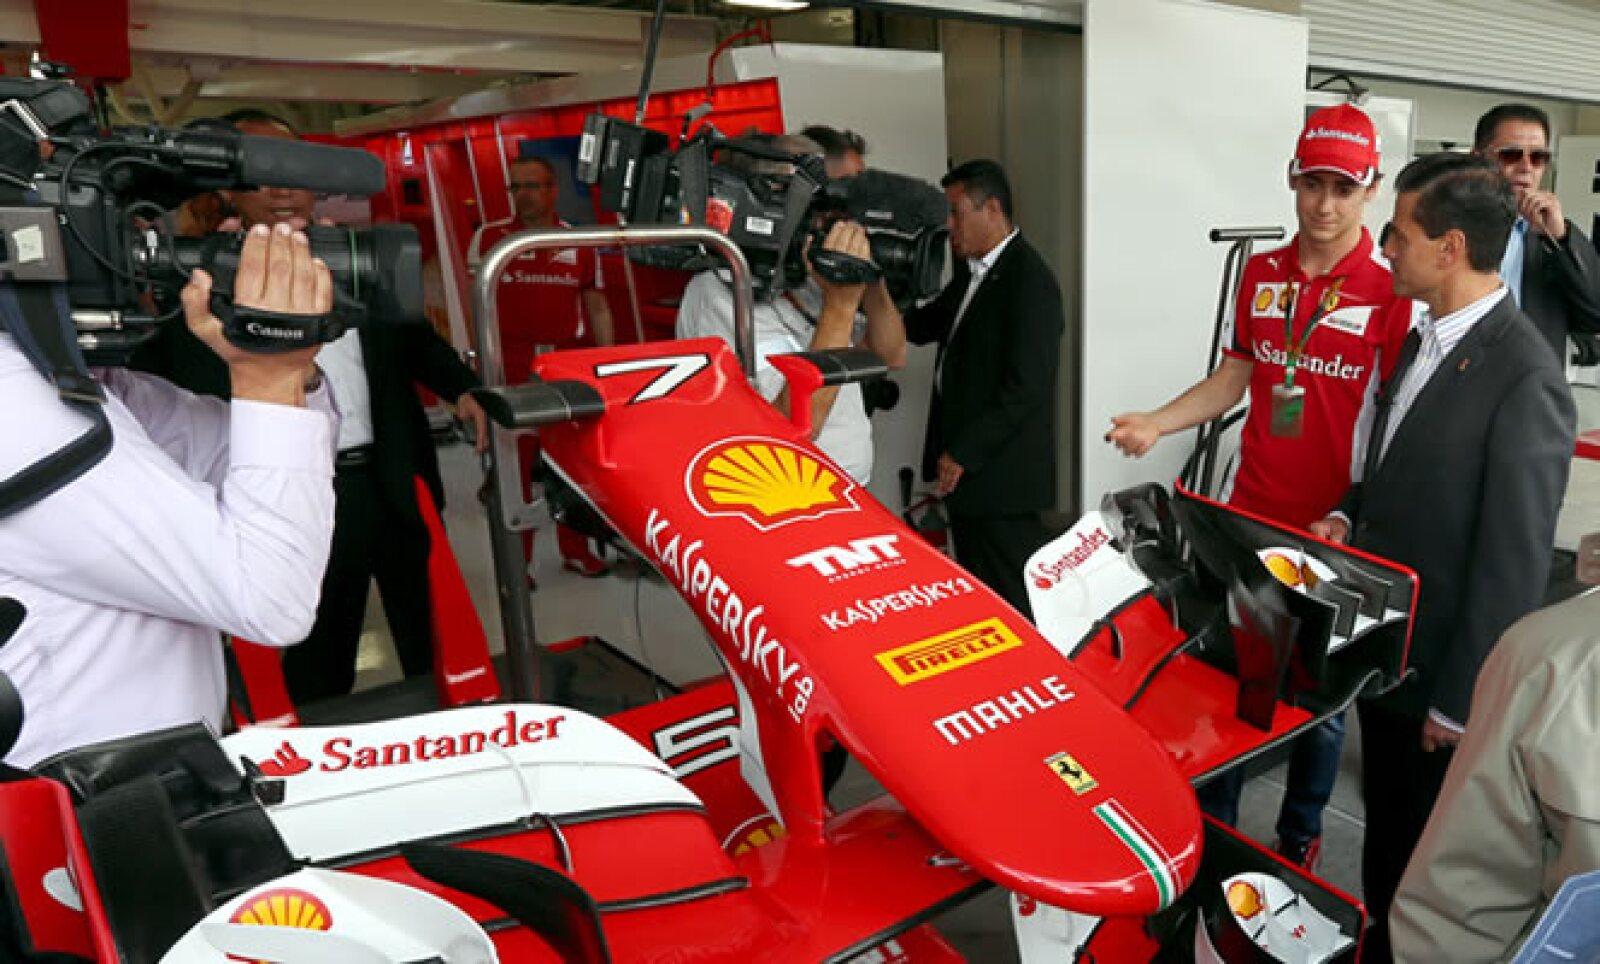 El presidente conoció los diversos puntos del Autódromo, donde alrededor de 110,000 personas podrán dar seguimiento a los 20 vehículos que participan en esta temporada de la F1.